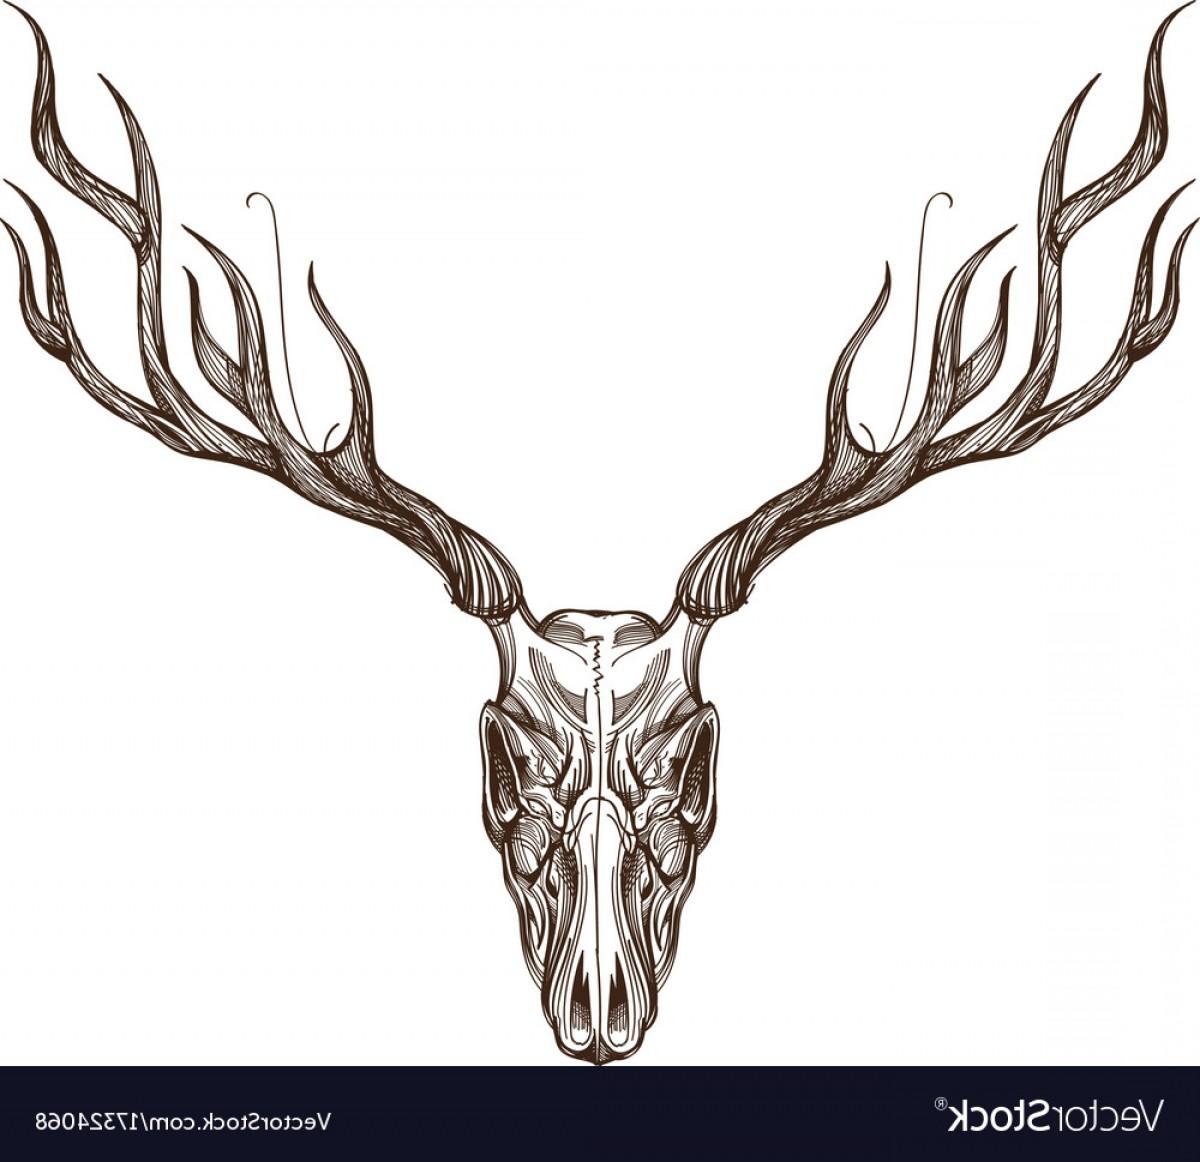 1200x1162 Sketch Of Deer Skull Outline For Tattoo Printing Vector Lazttweet